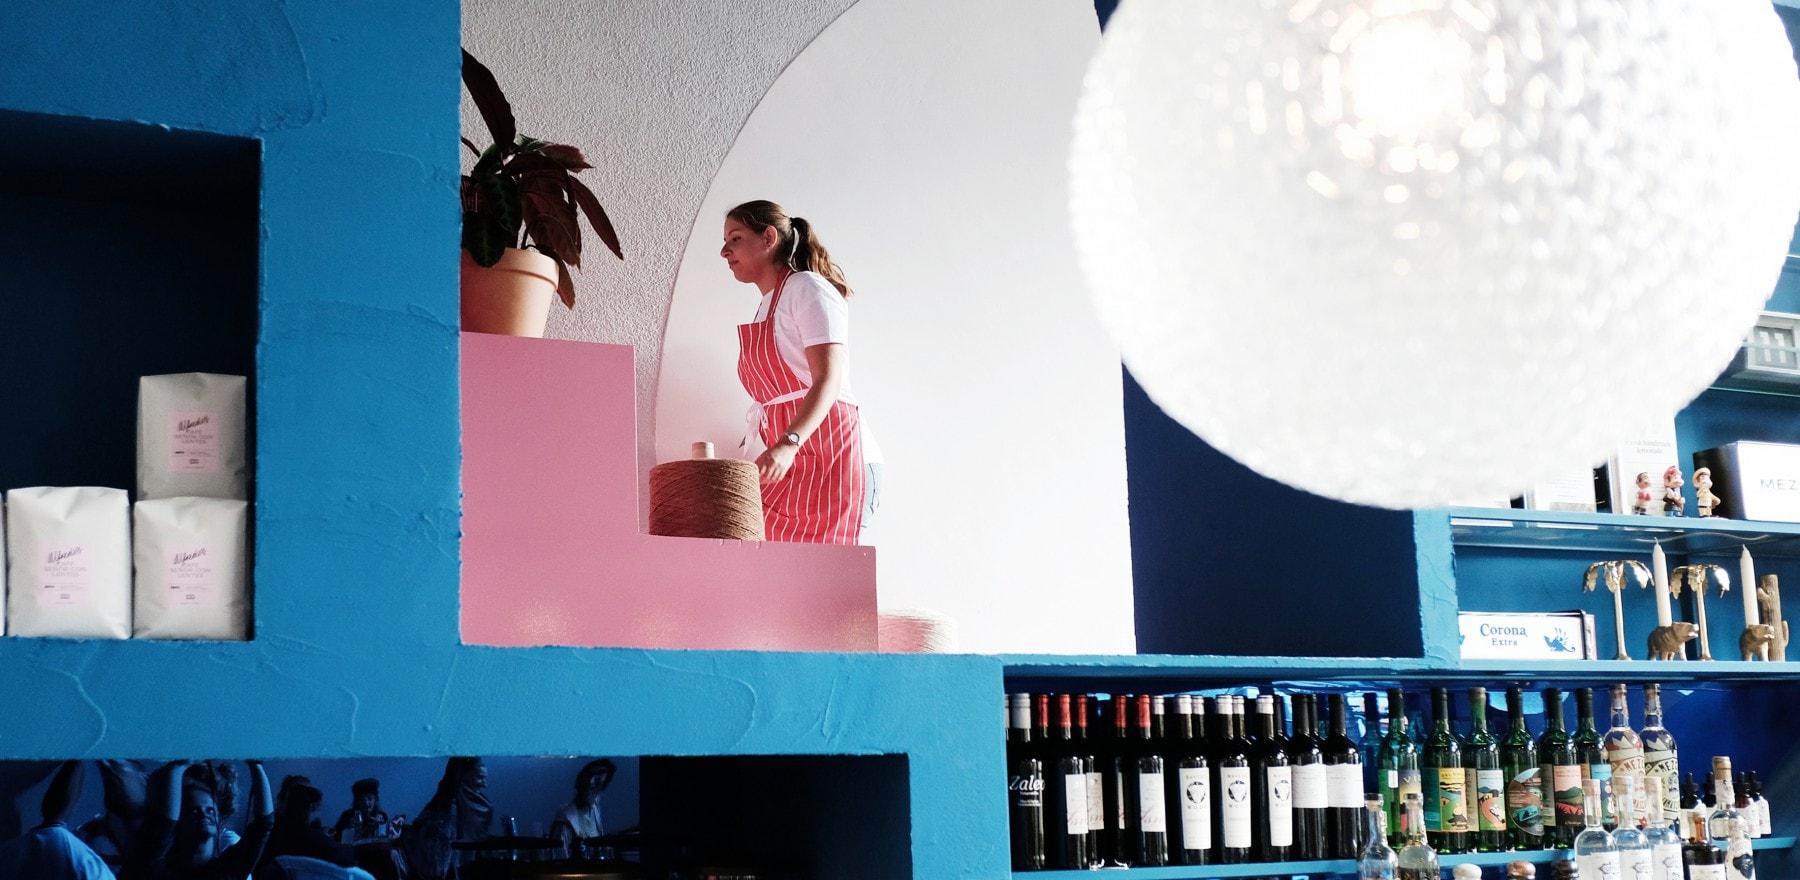 Alfredo's Taqueria opent in Het Industriegebouw